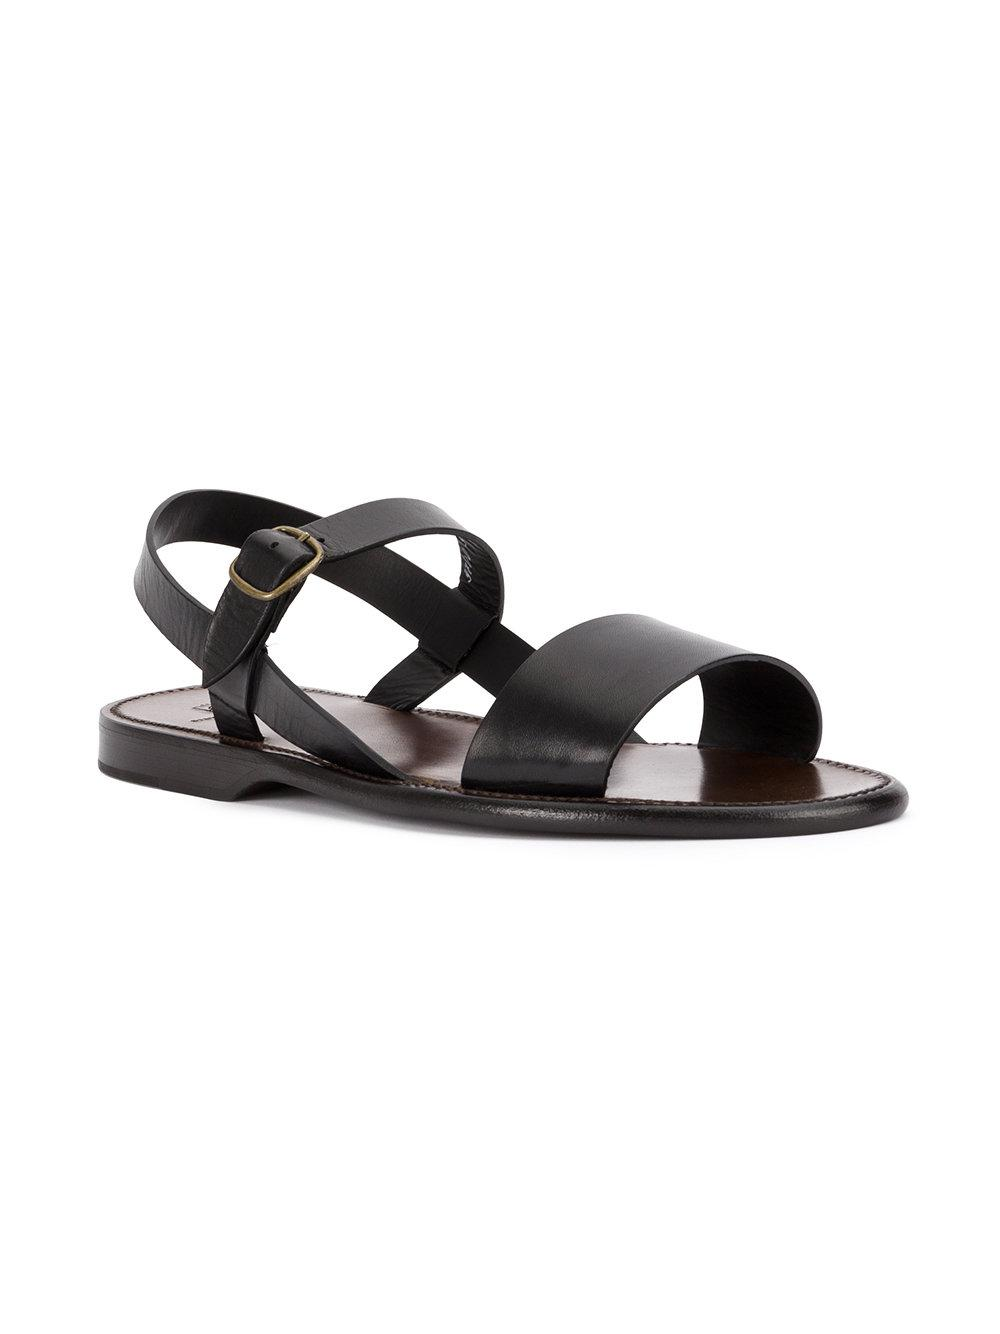 bands sandals Silvano Sassetti gMVvL6V